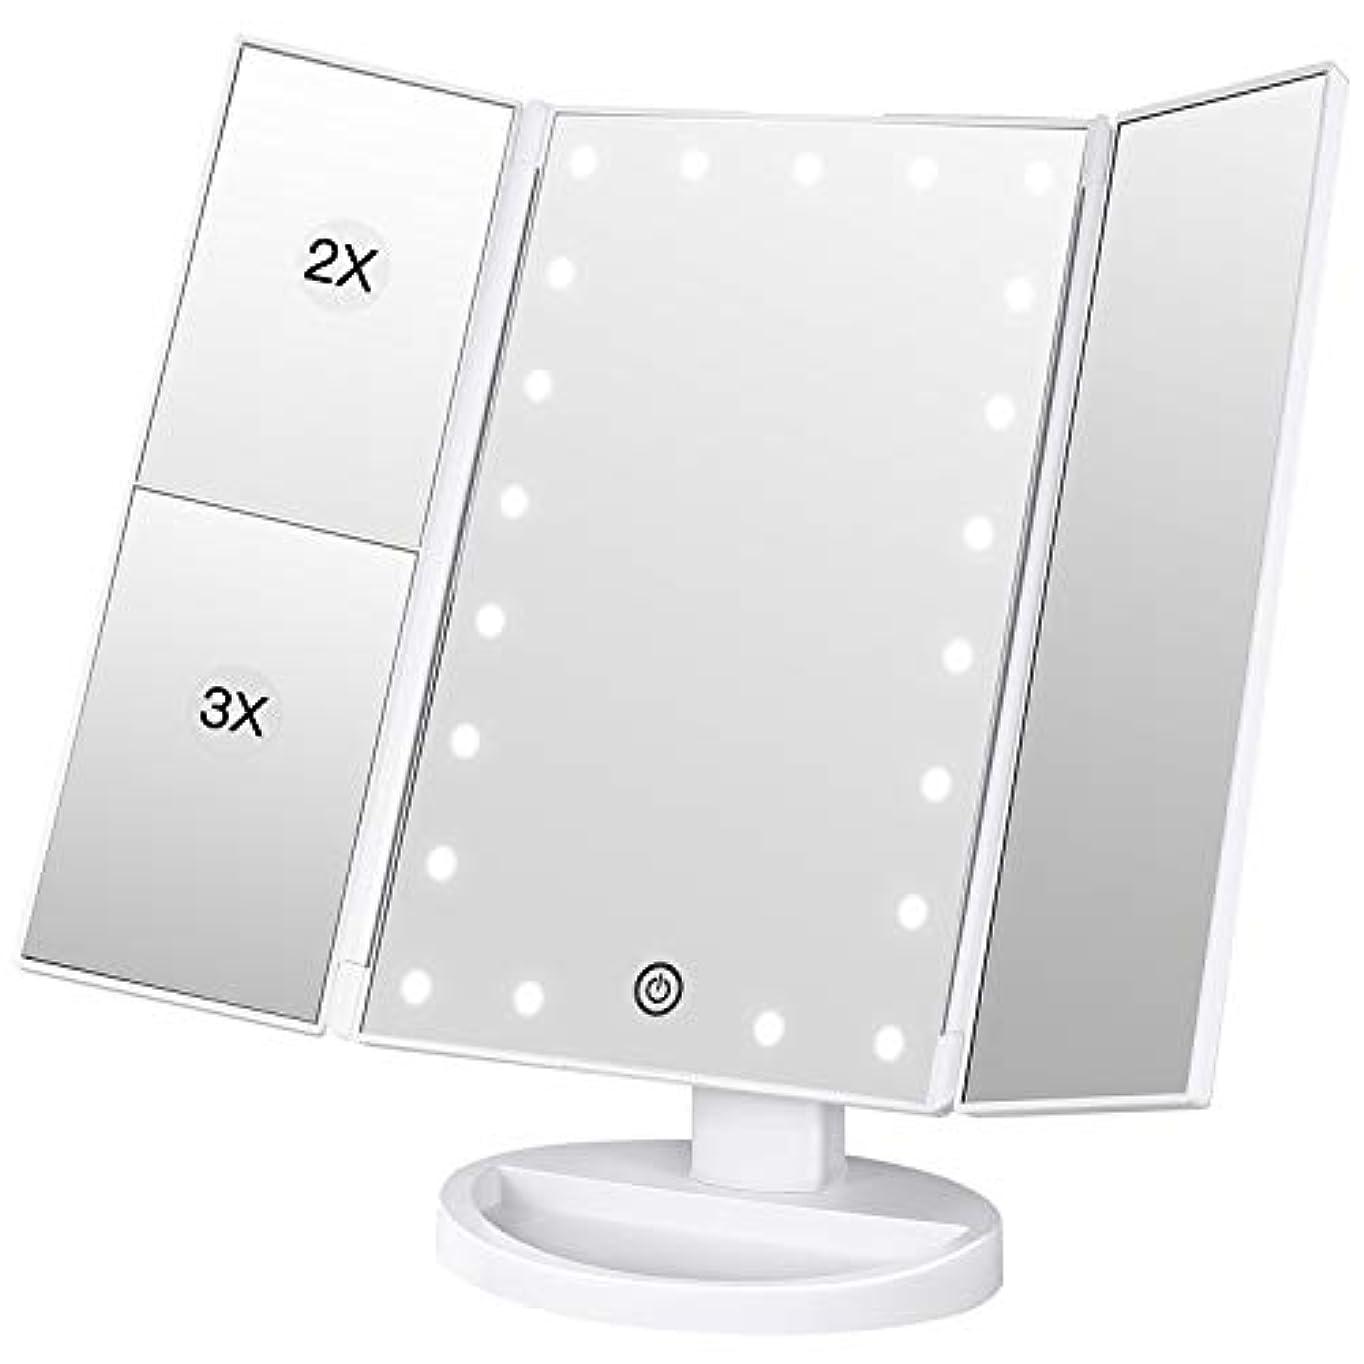 明確な未亡人平方BESTOPE 化粧鏡 化粧ミラー 鏡 三面鏡 女優ミラー 卓上 led付き 折りたたみ 拡大鏡 2&3倍 明るさ調節可能 180°回転 電池&USB 2WAY給電